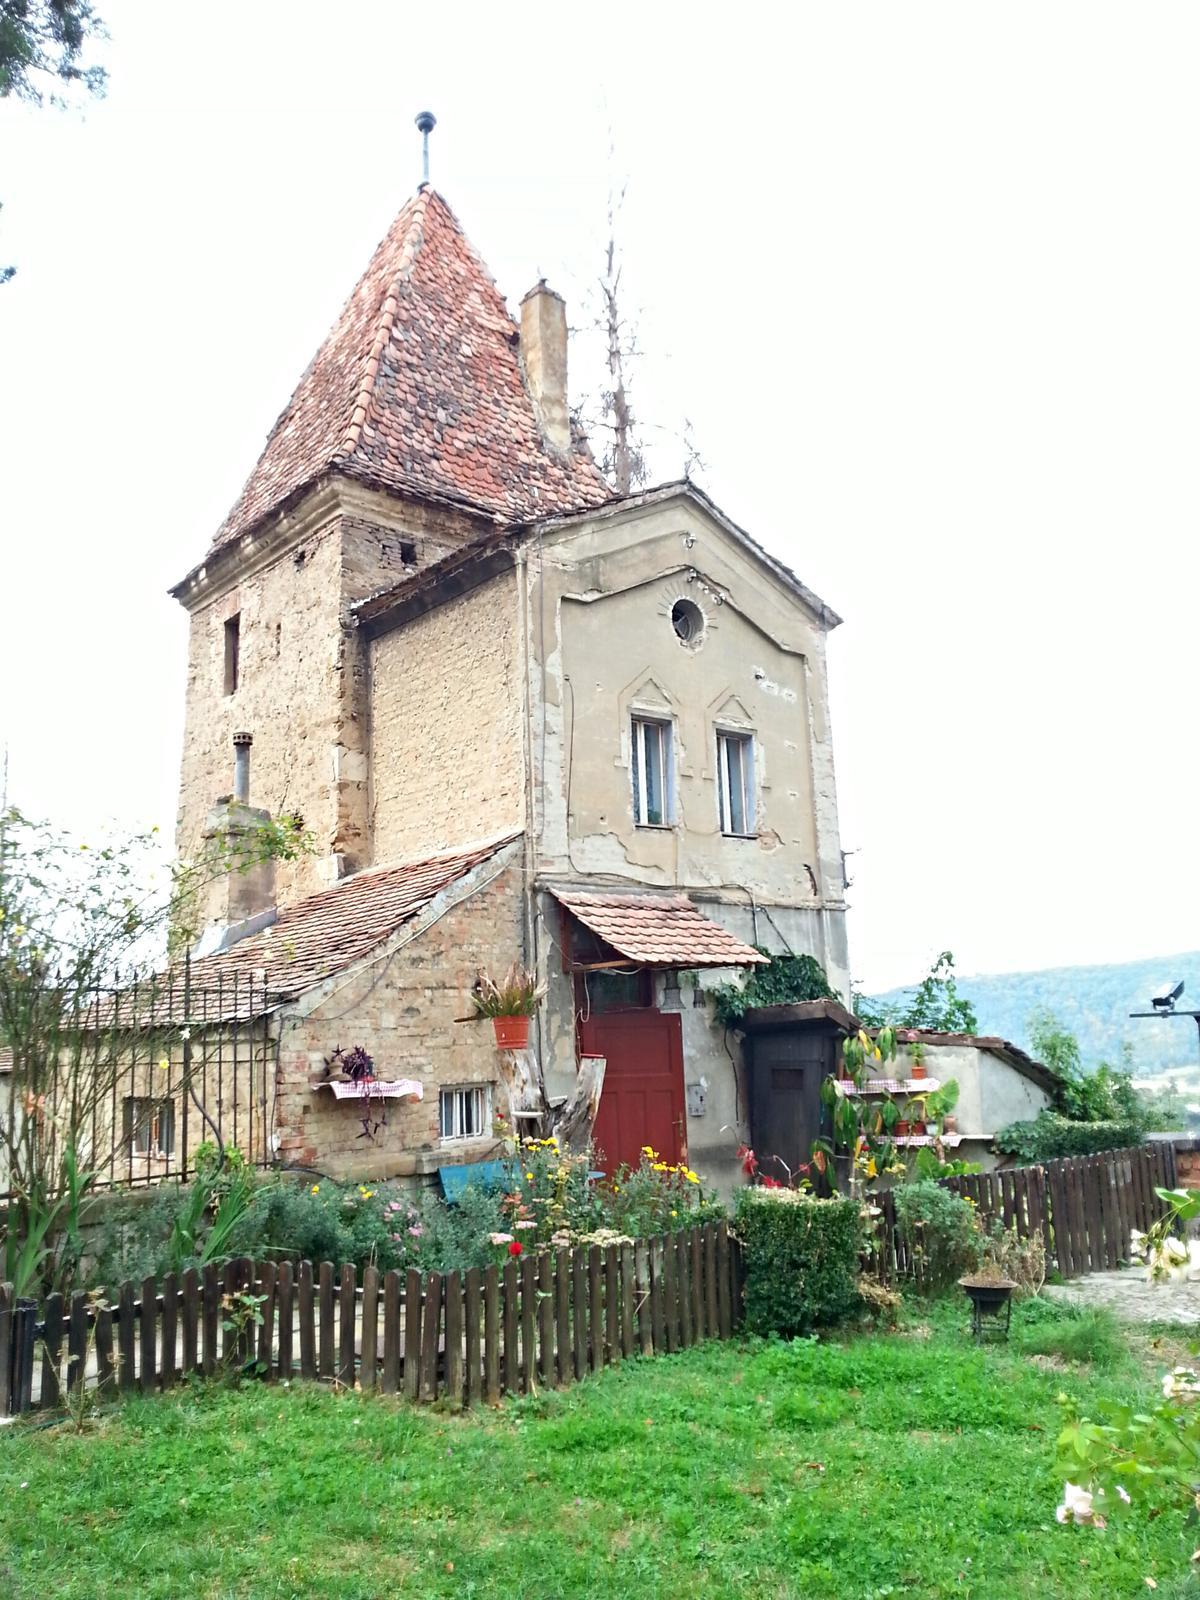 Rumunsko <3 - Obrázok č. 17